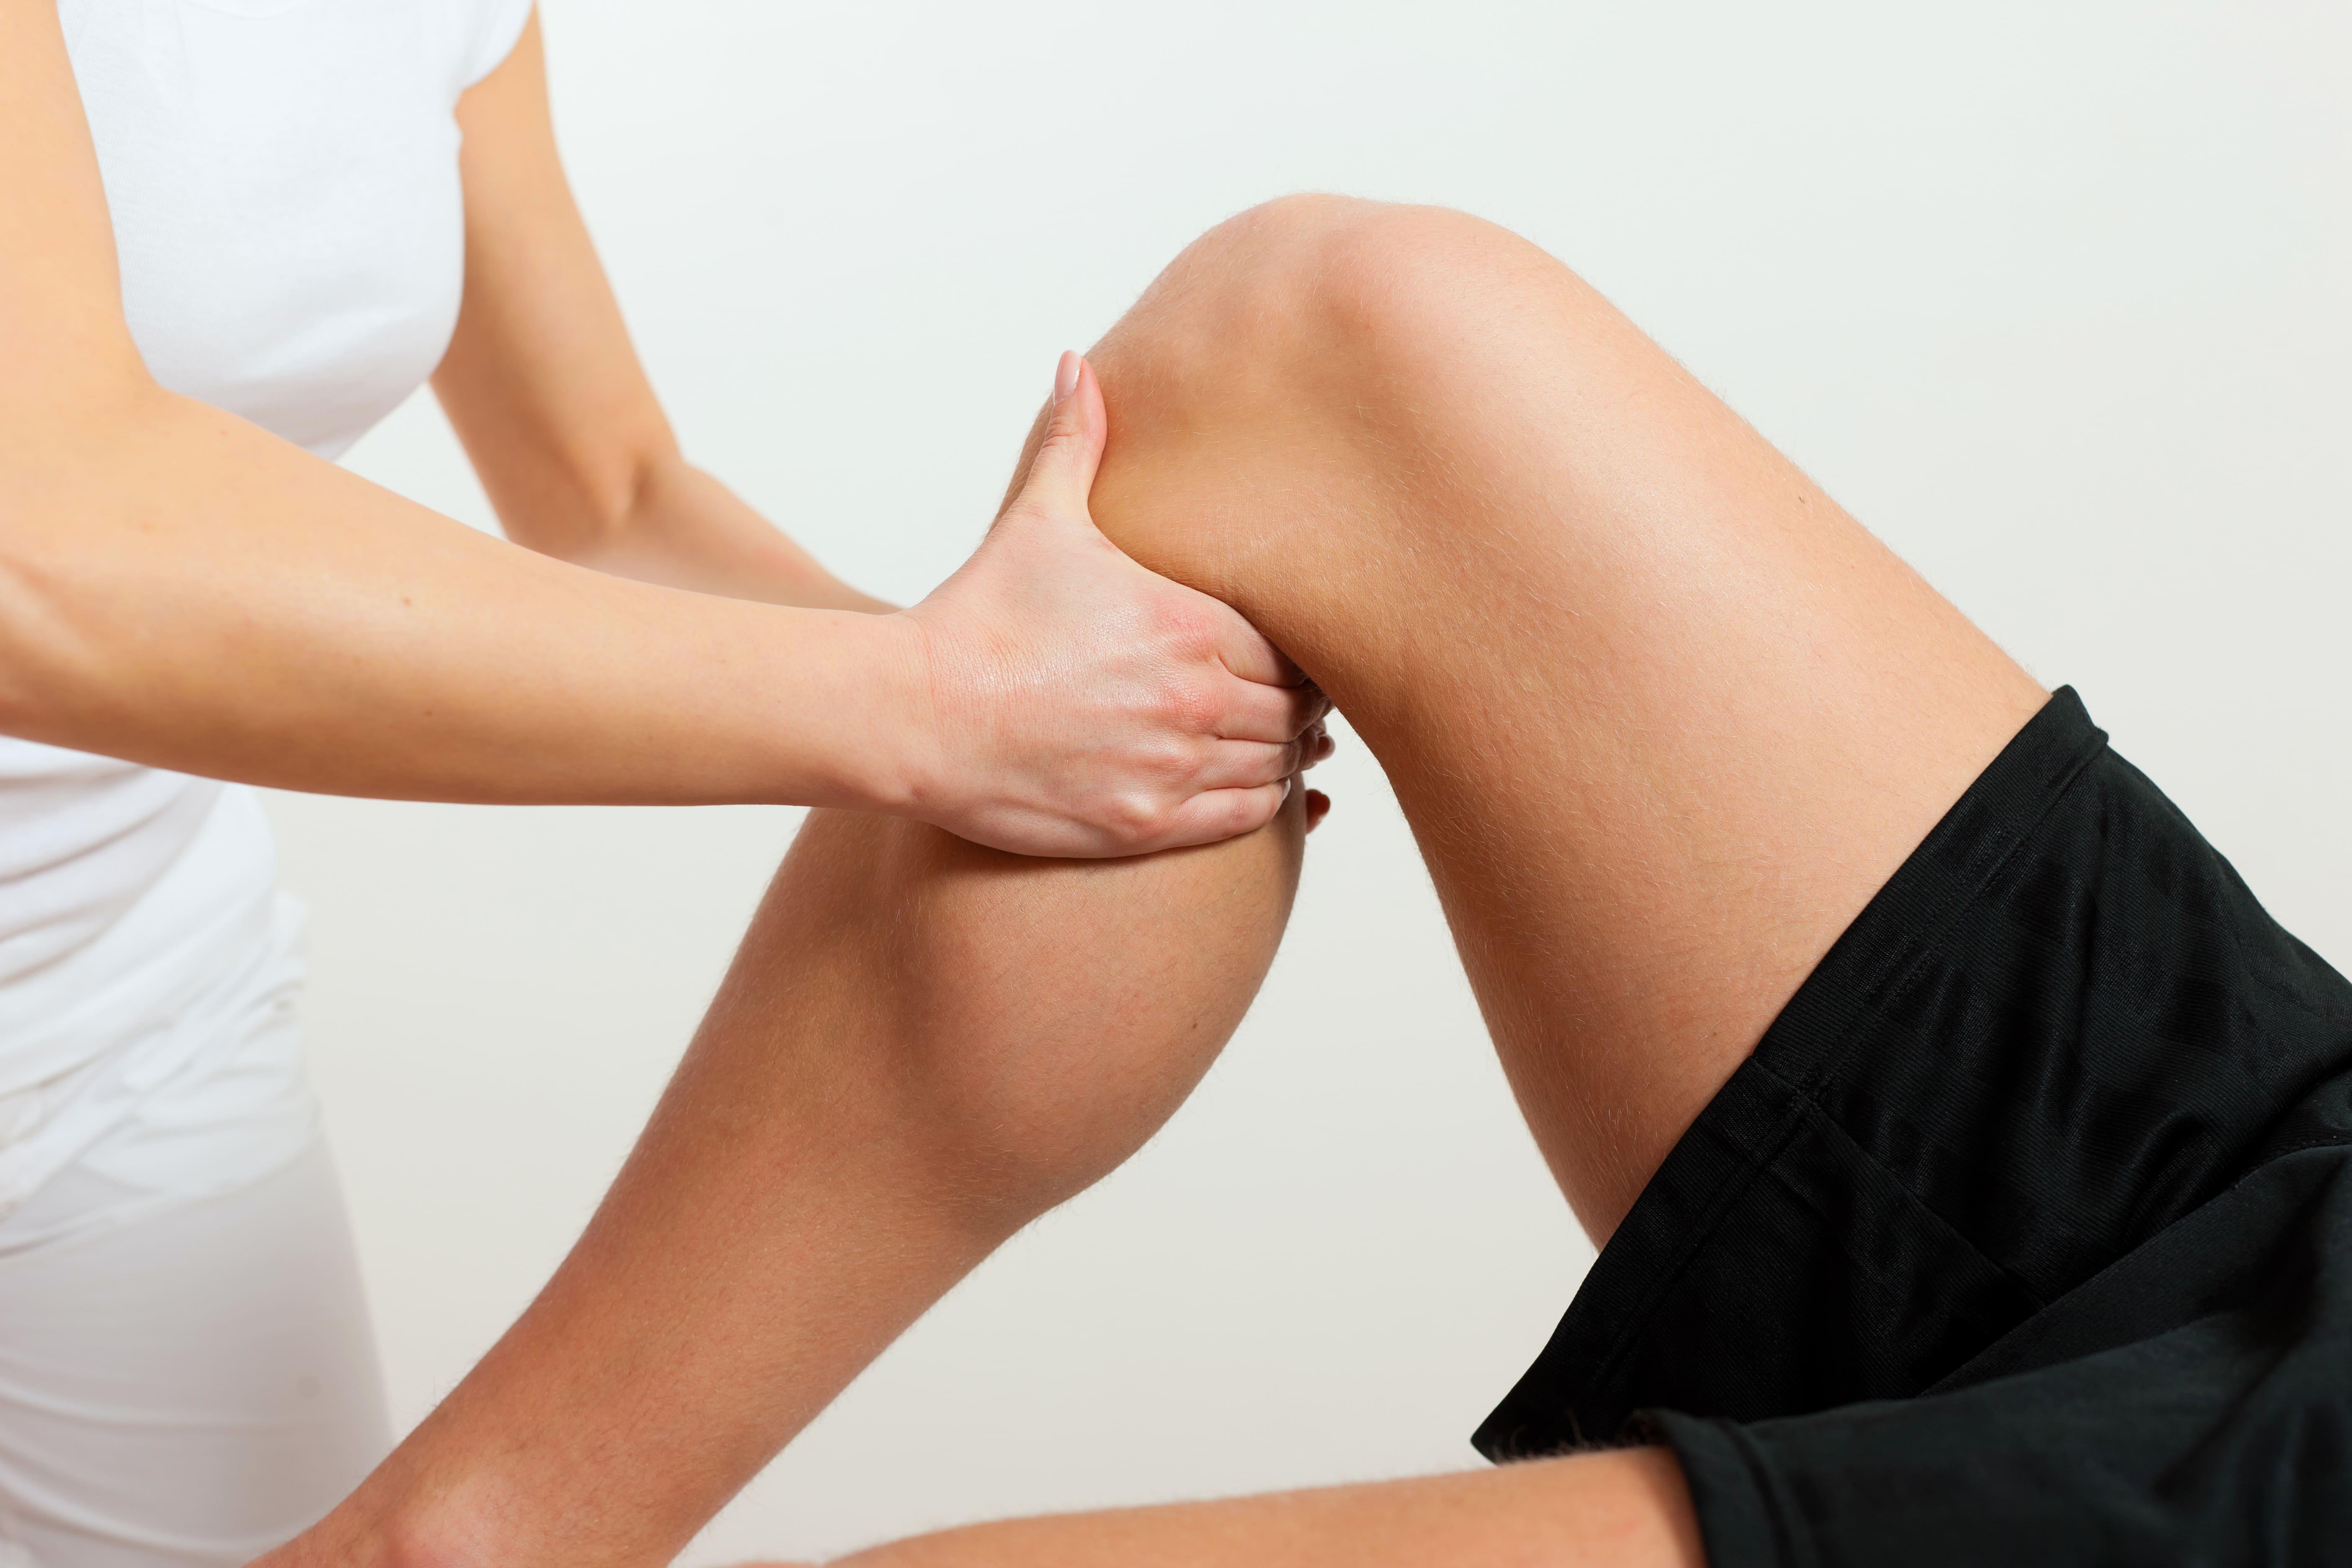 Fisioterapia malaga descargas musculares tras pruebas de fondo